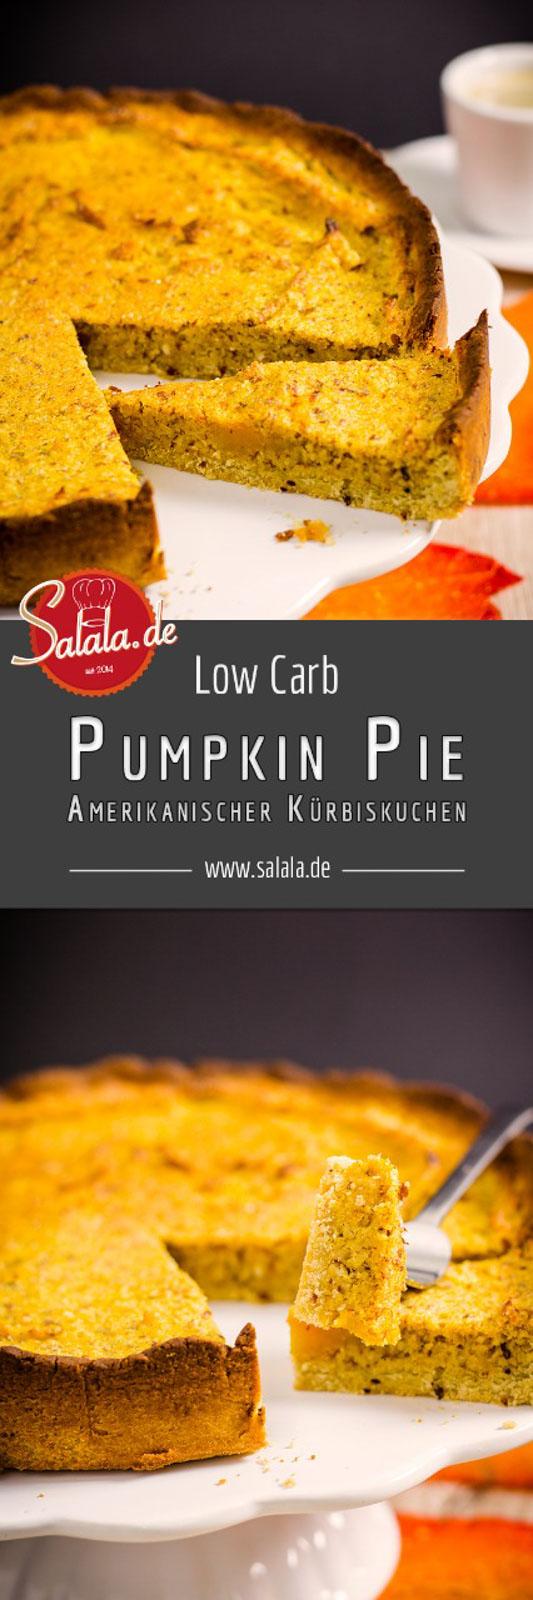 Pumpkin Pie | amerikanischer Kürbiskuchen | low carb - salala.de - Saftiger und aromatischer Kürbiskuchen ohne Zucker und ohne Mehl